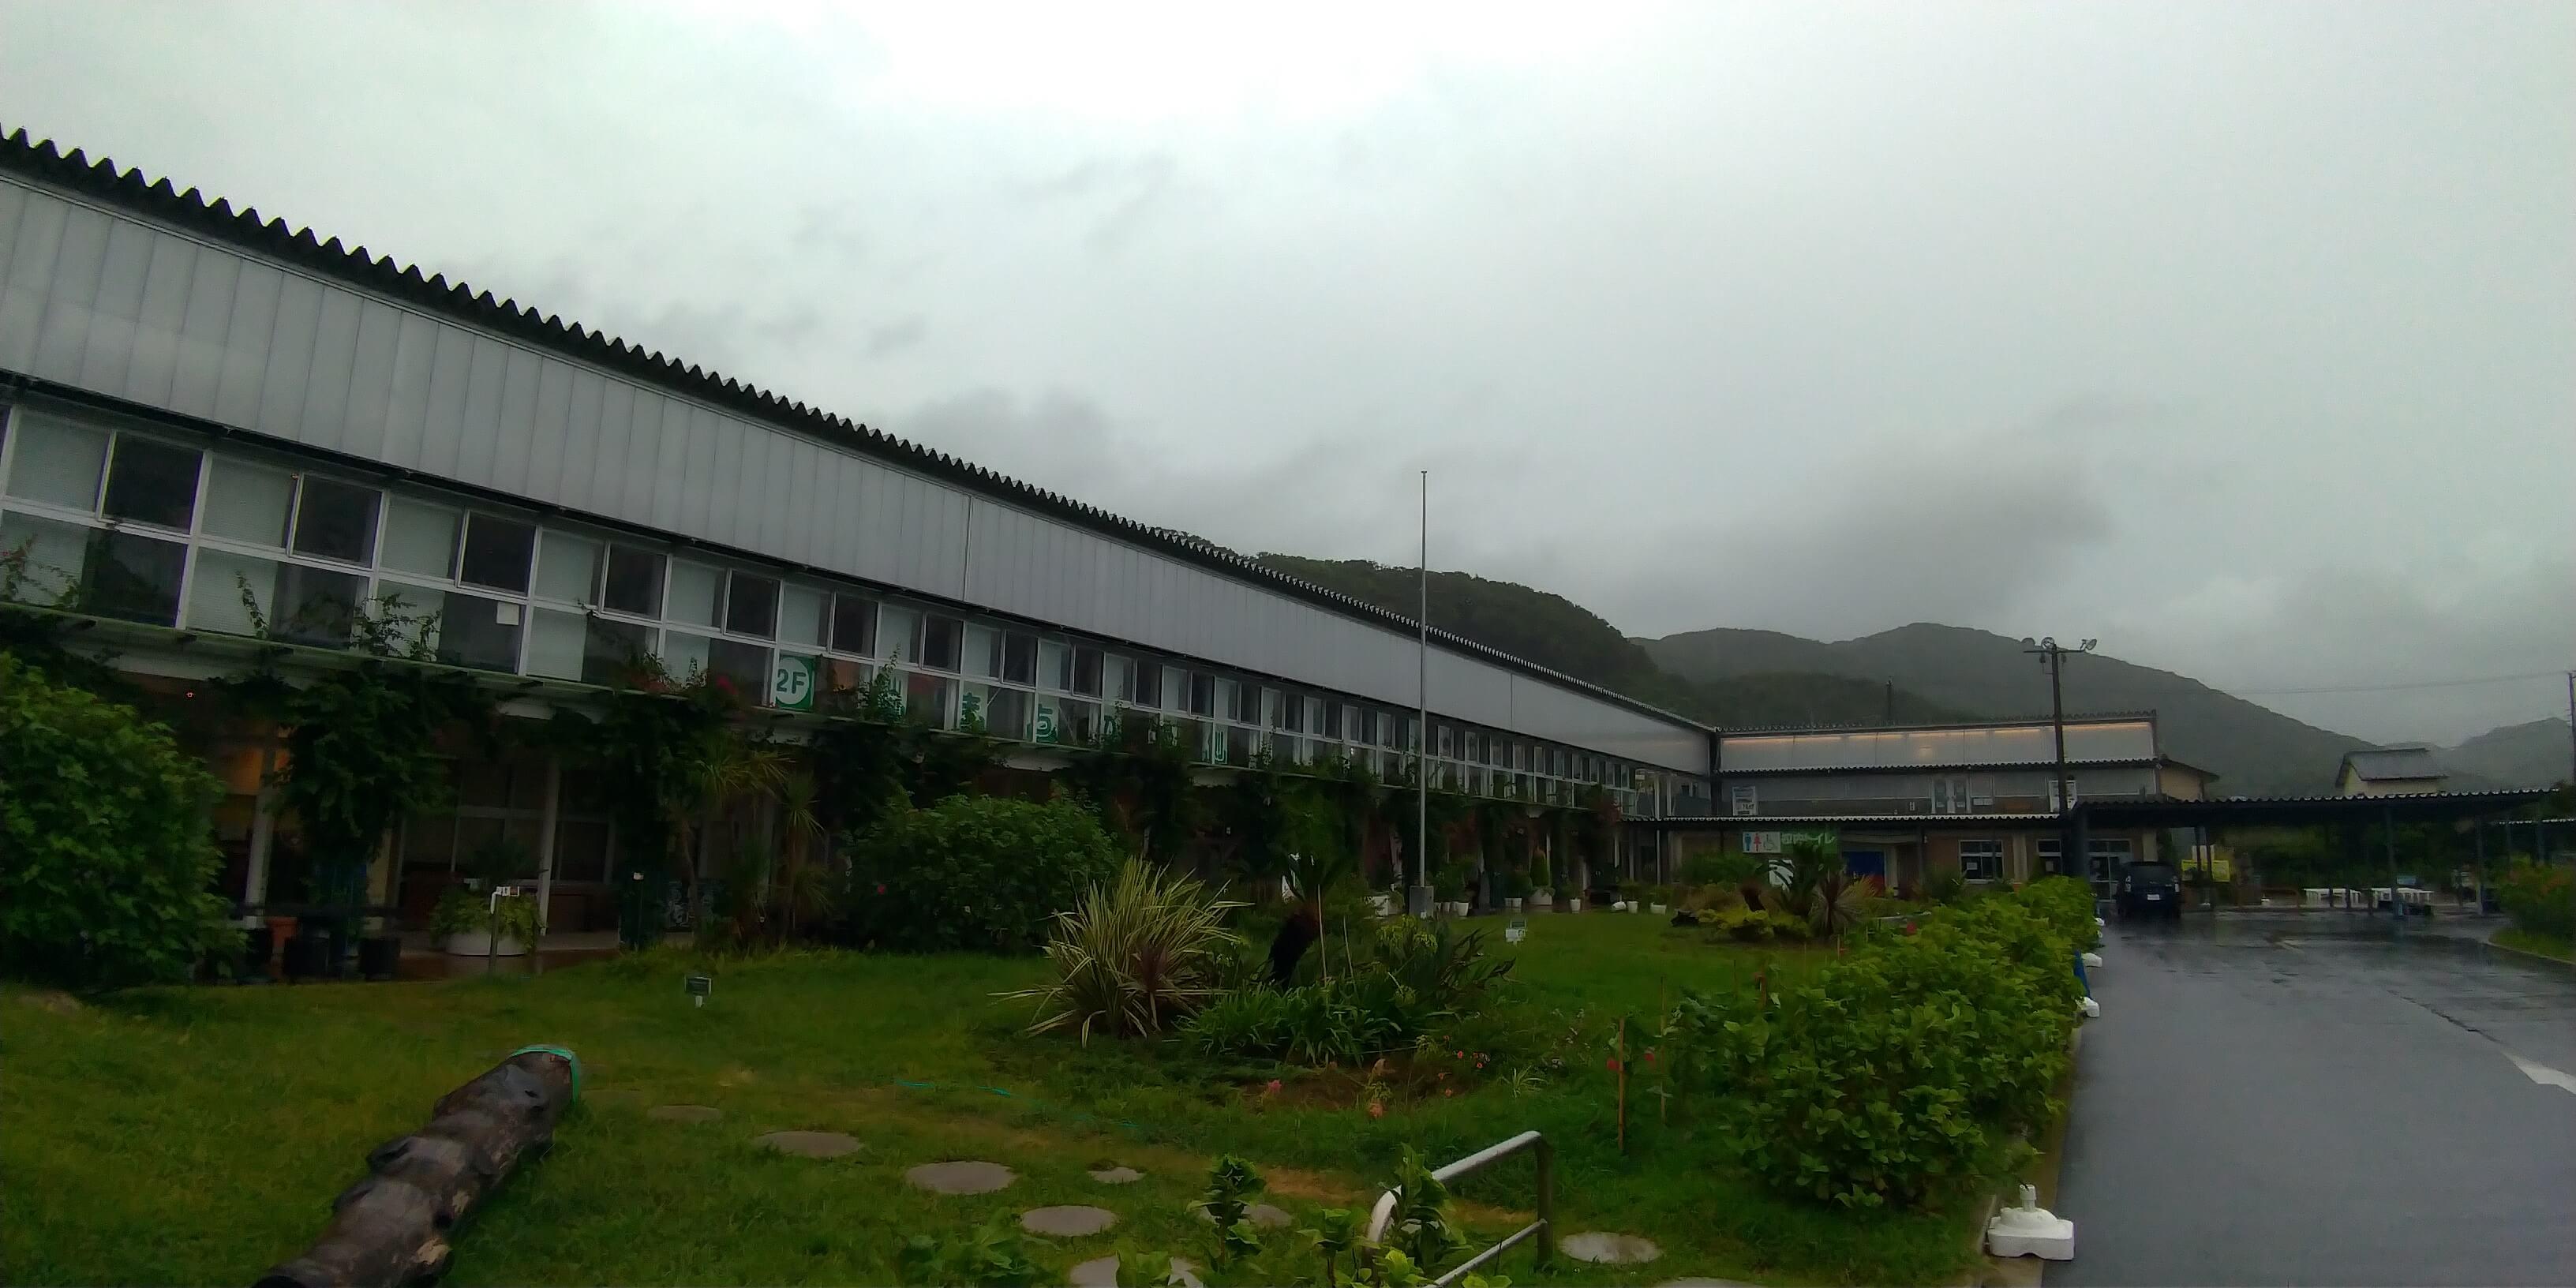 道の駅:保田小学校の外観